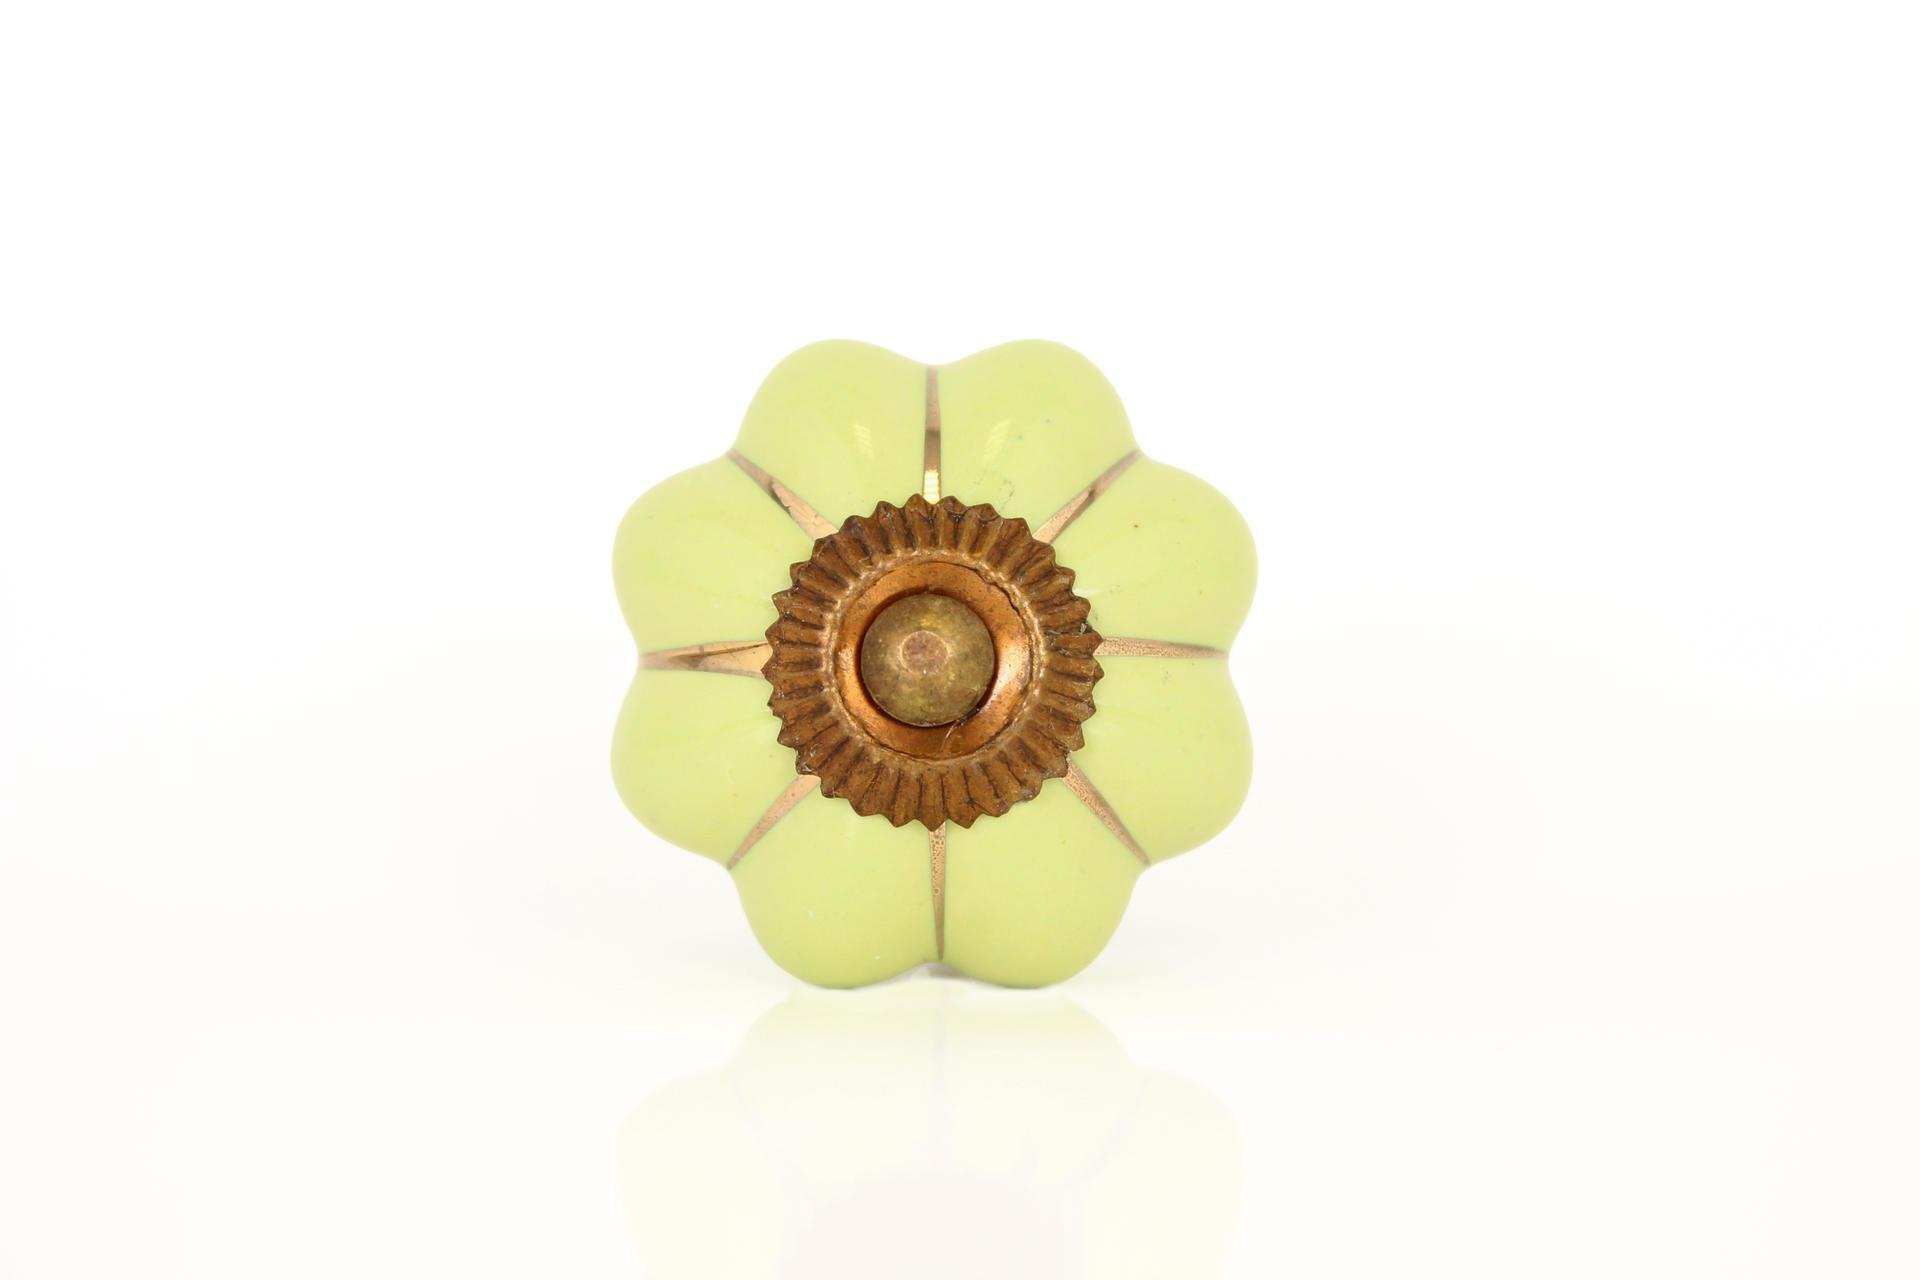 La finesse Porcelánová úchytka Sarah green/gold, zelená barva, porcelán 40 mm